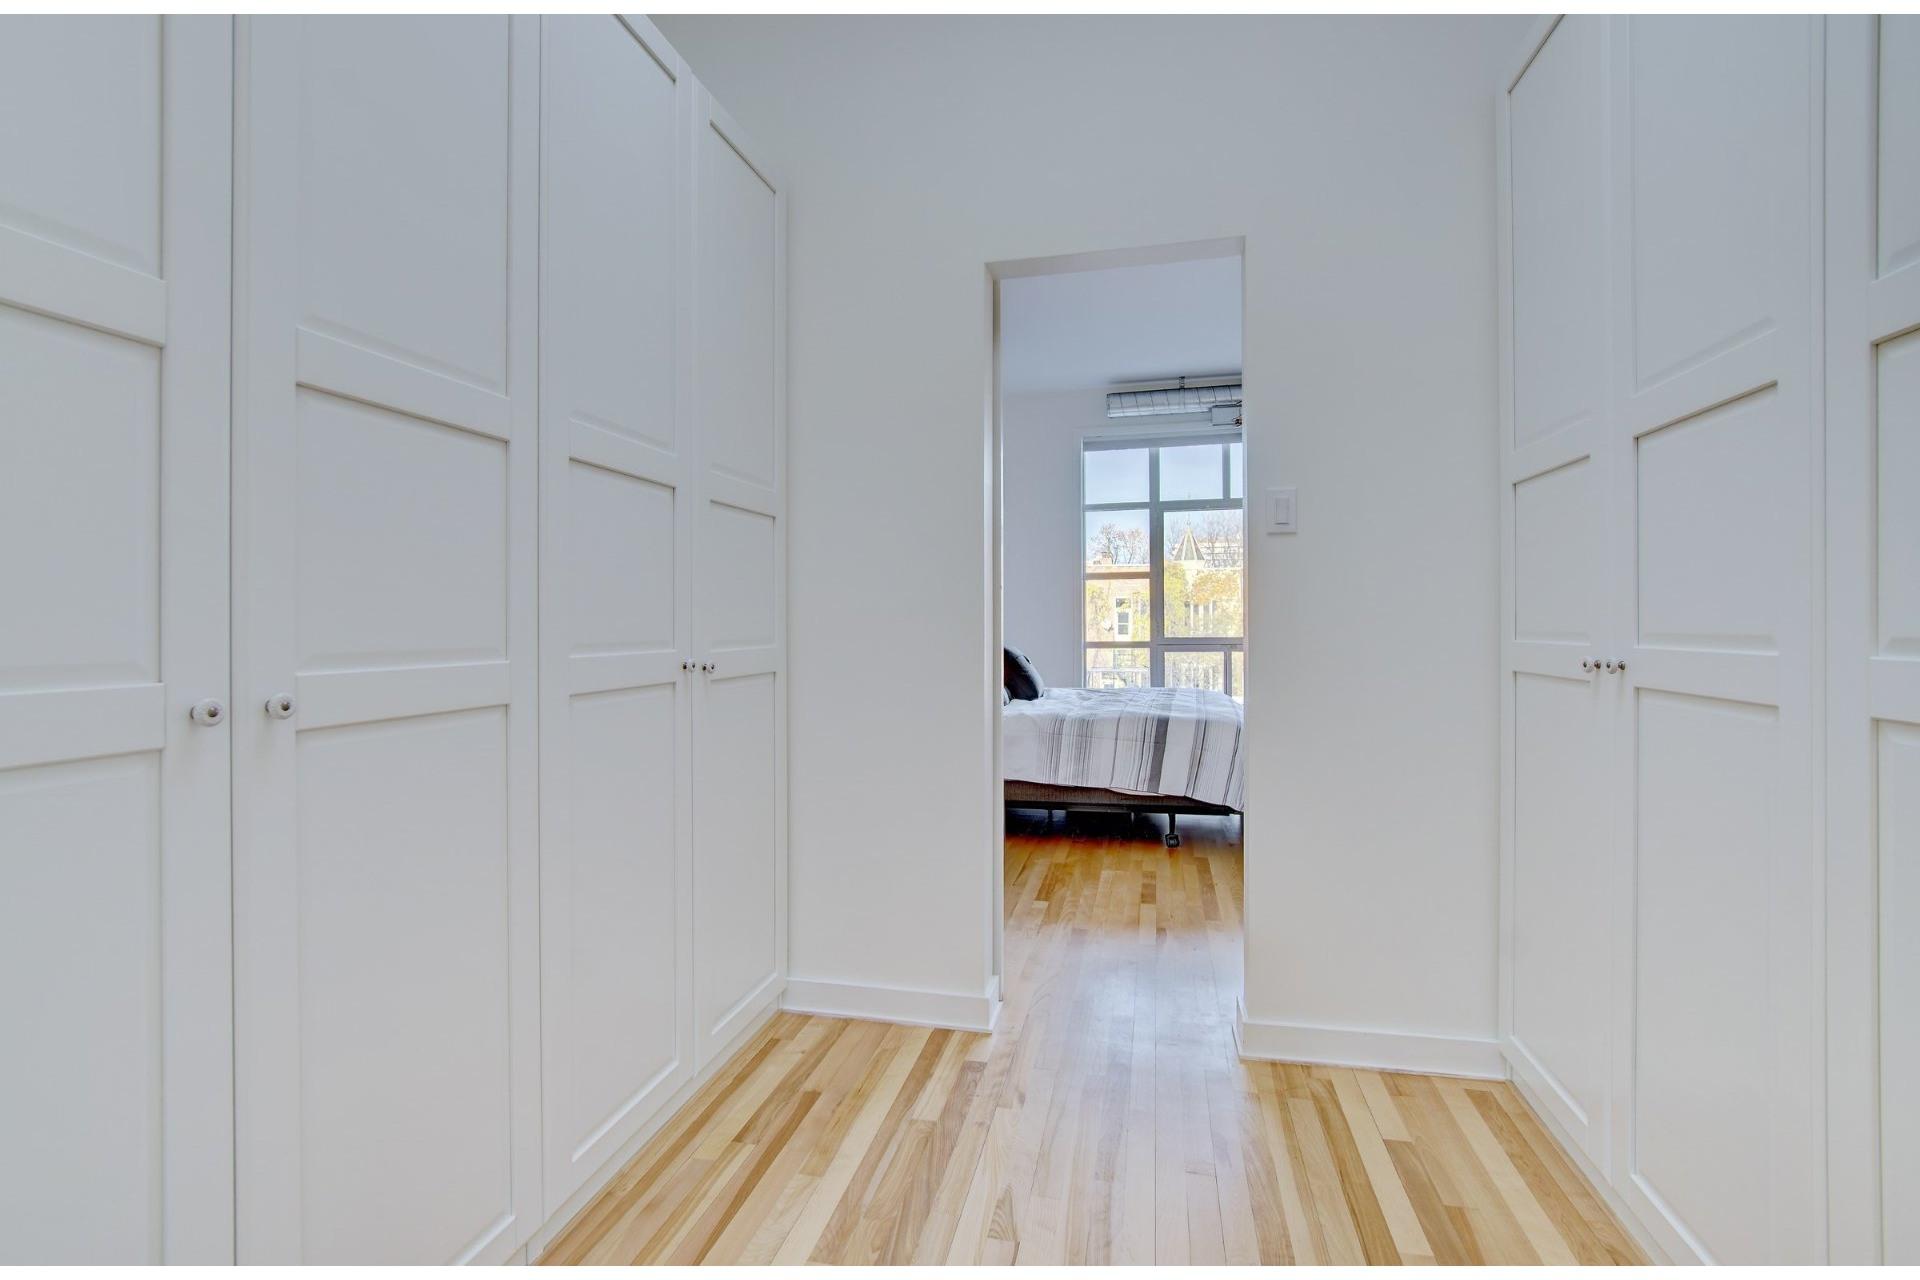 image 6 - Apartment For sale Montréal Le Plateau-Mont-Royal  - 10 rooms